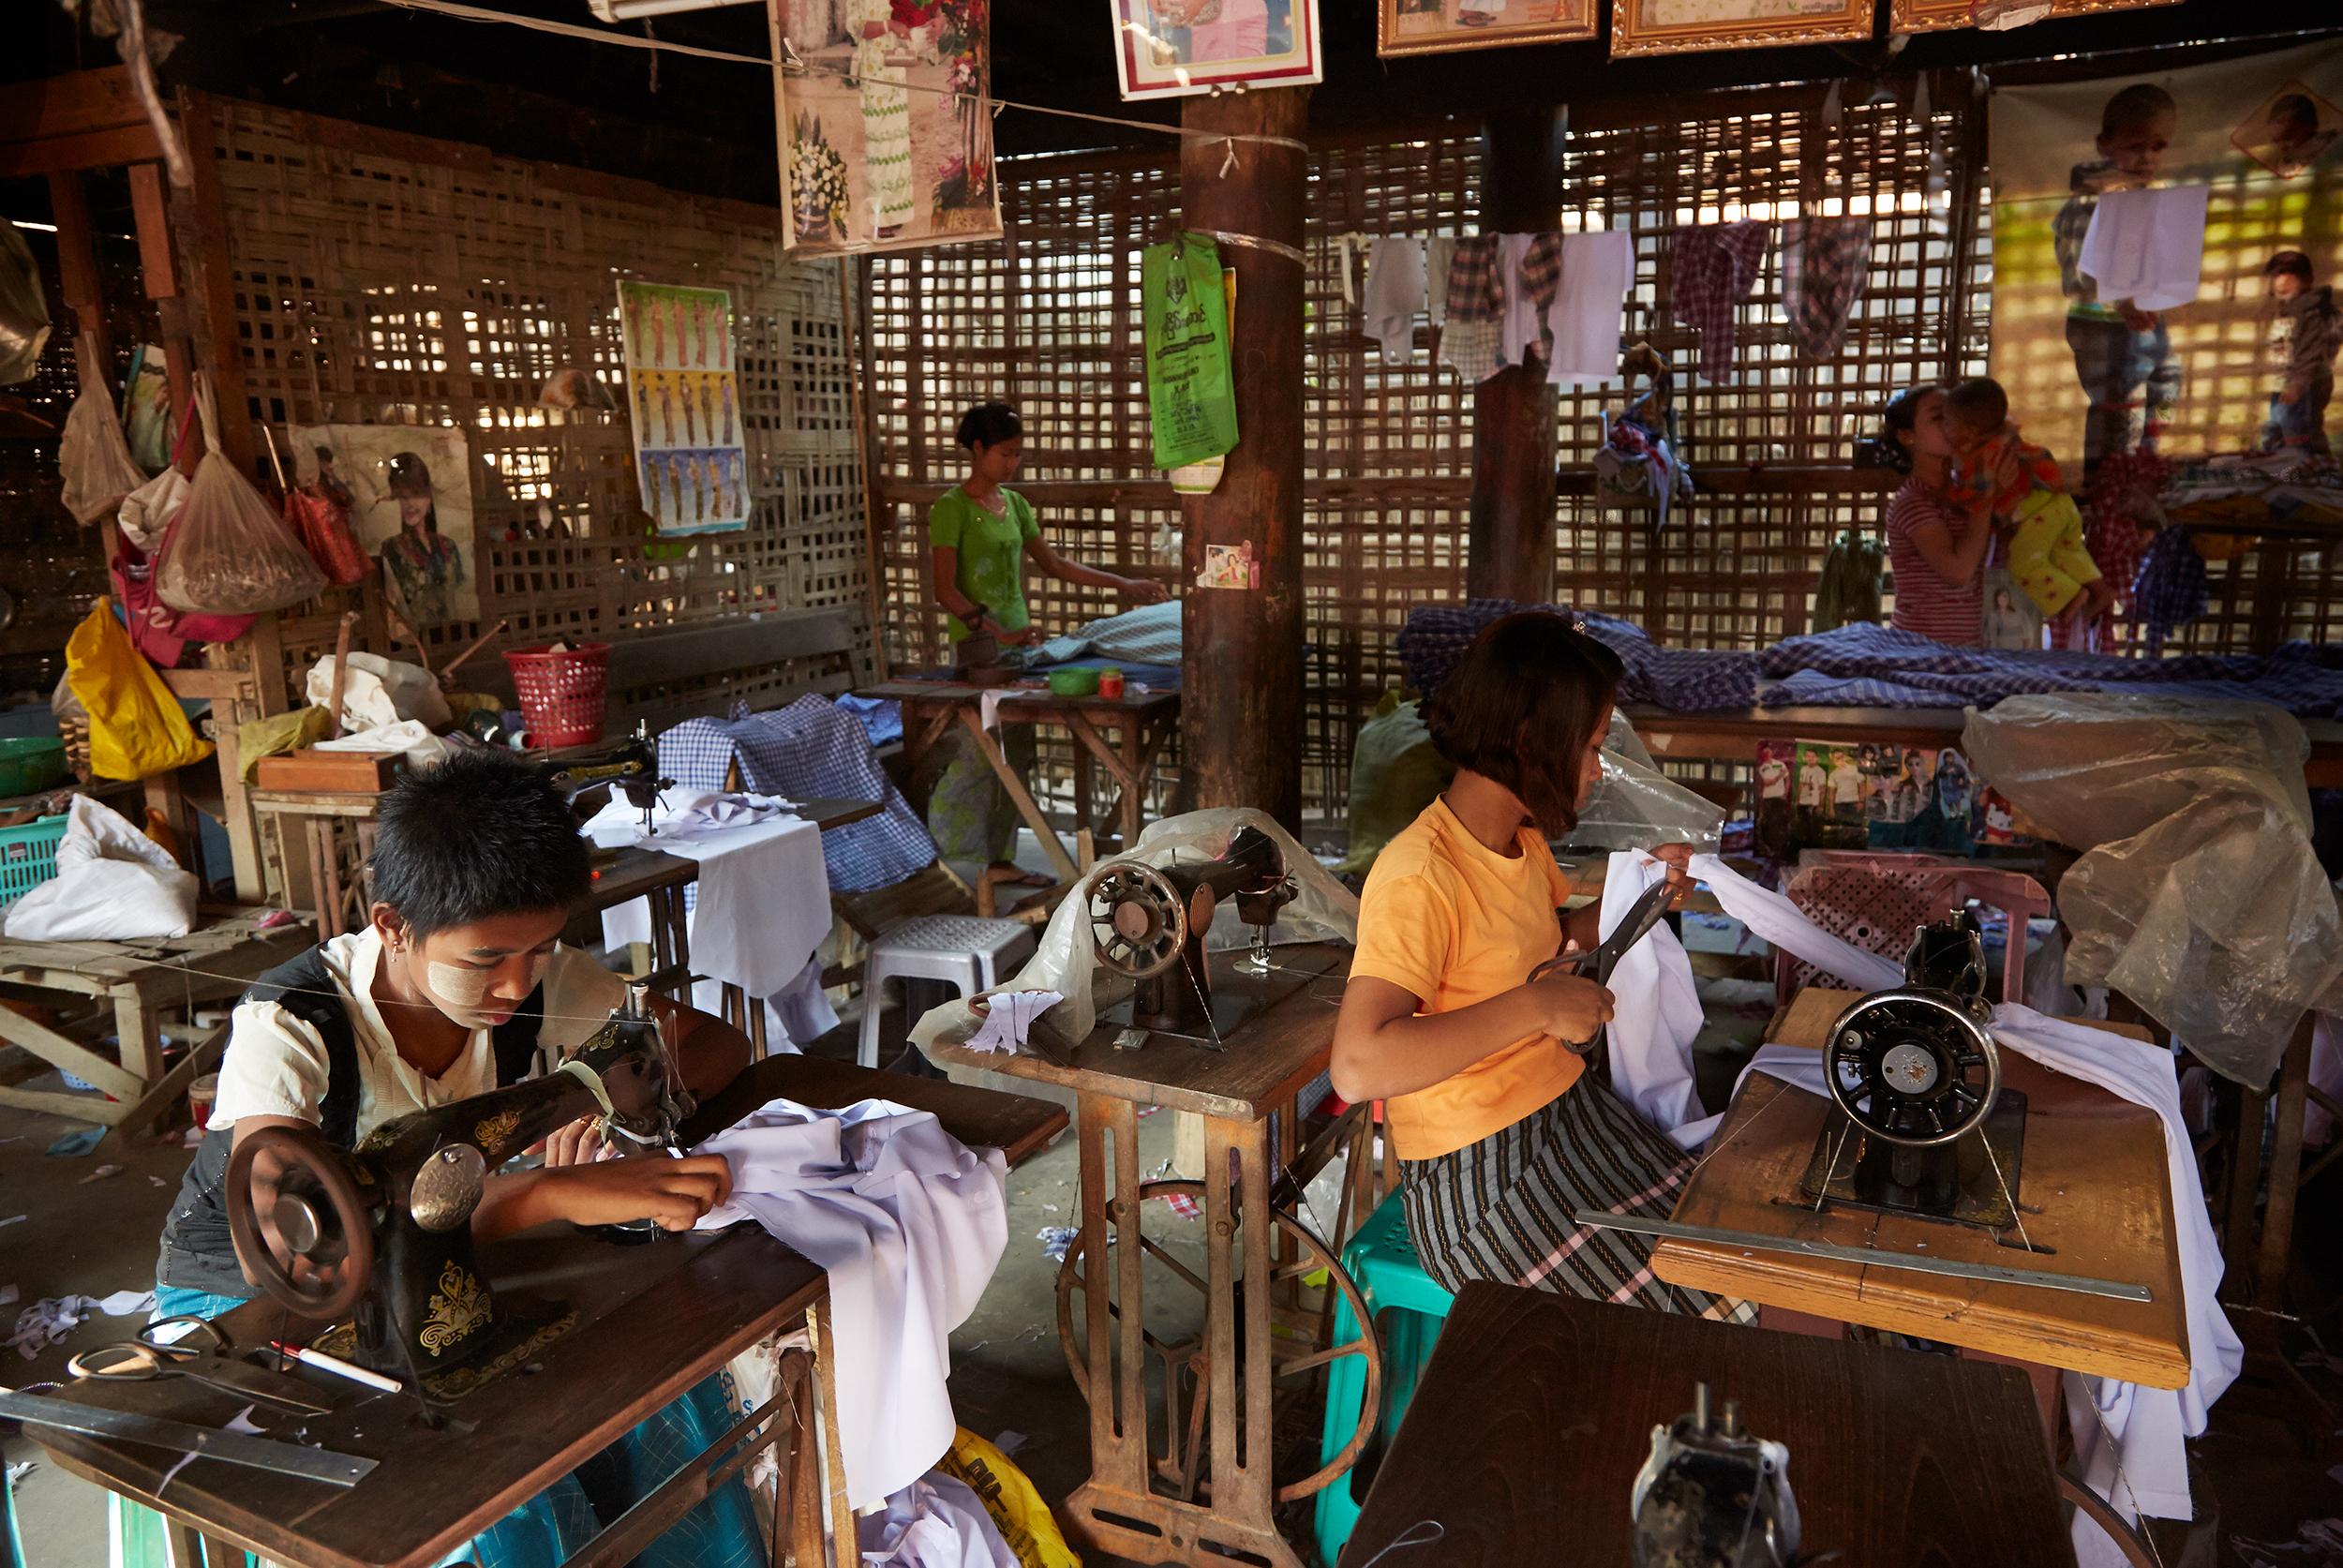 Kanjana-Chaiwatanachai-Image-Works_Mandalay_2014.01.19_0312w.jpg